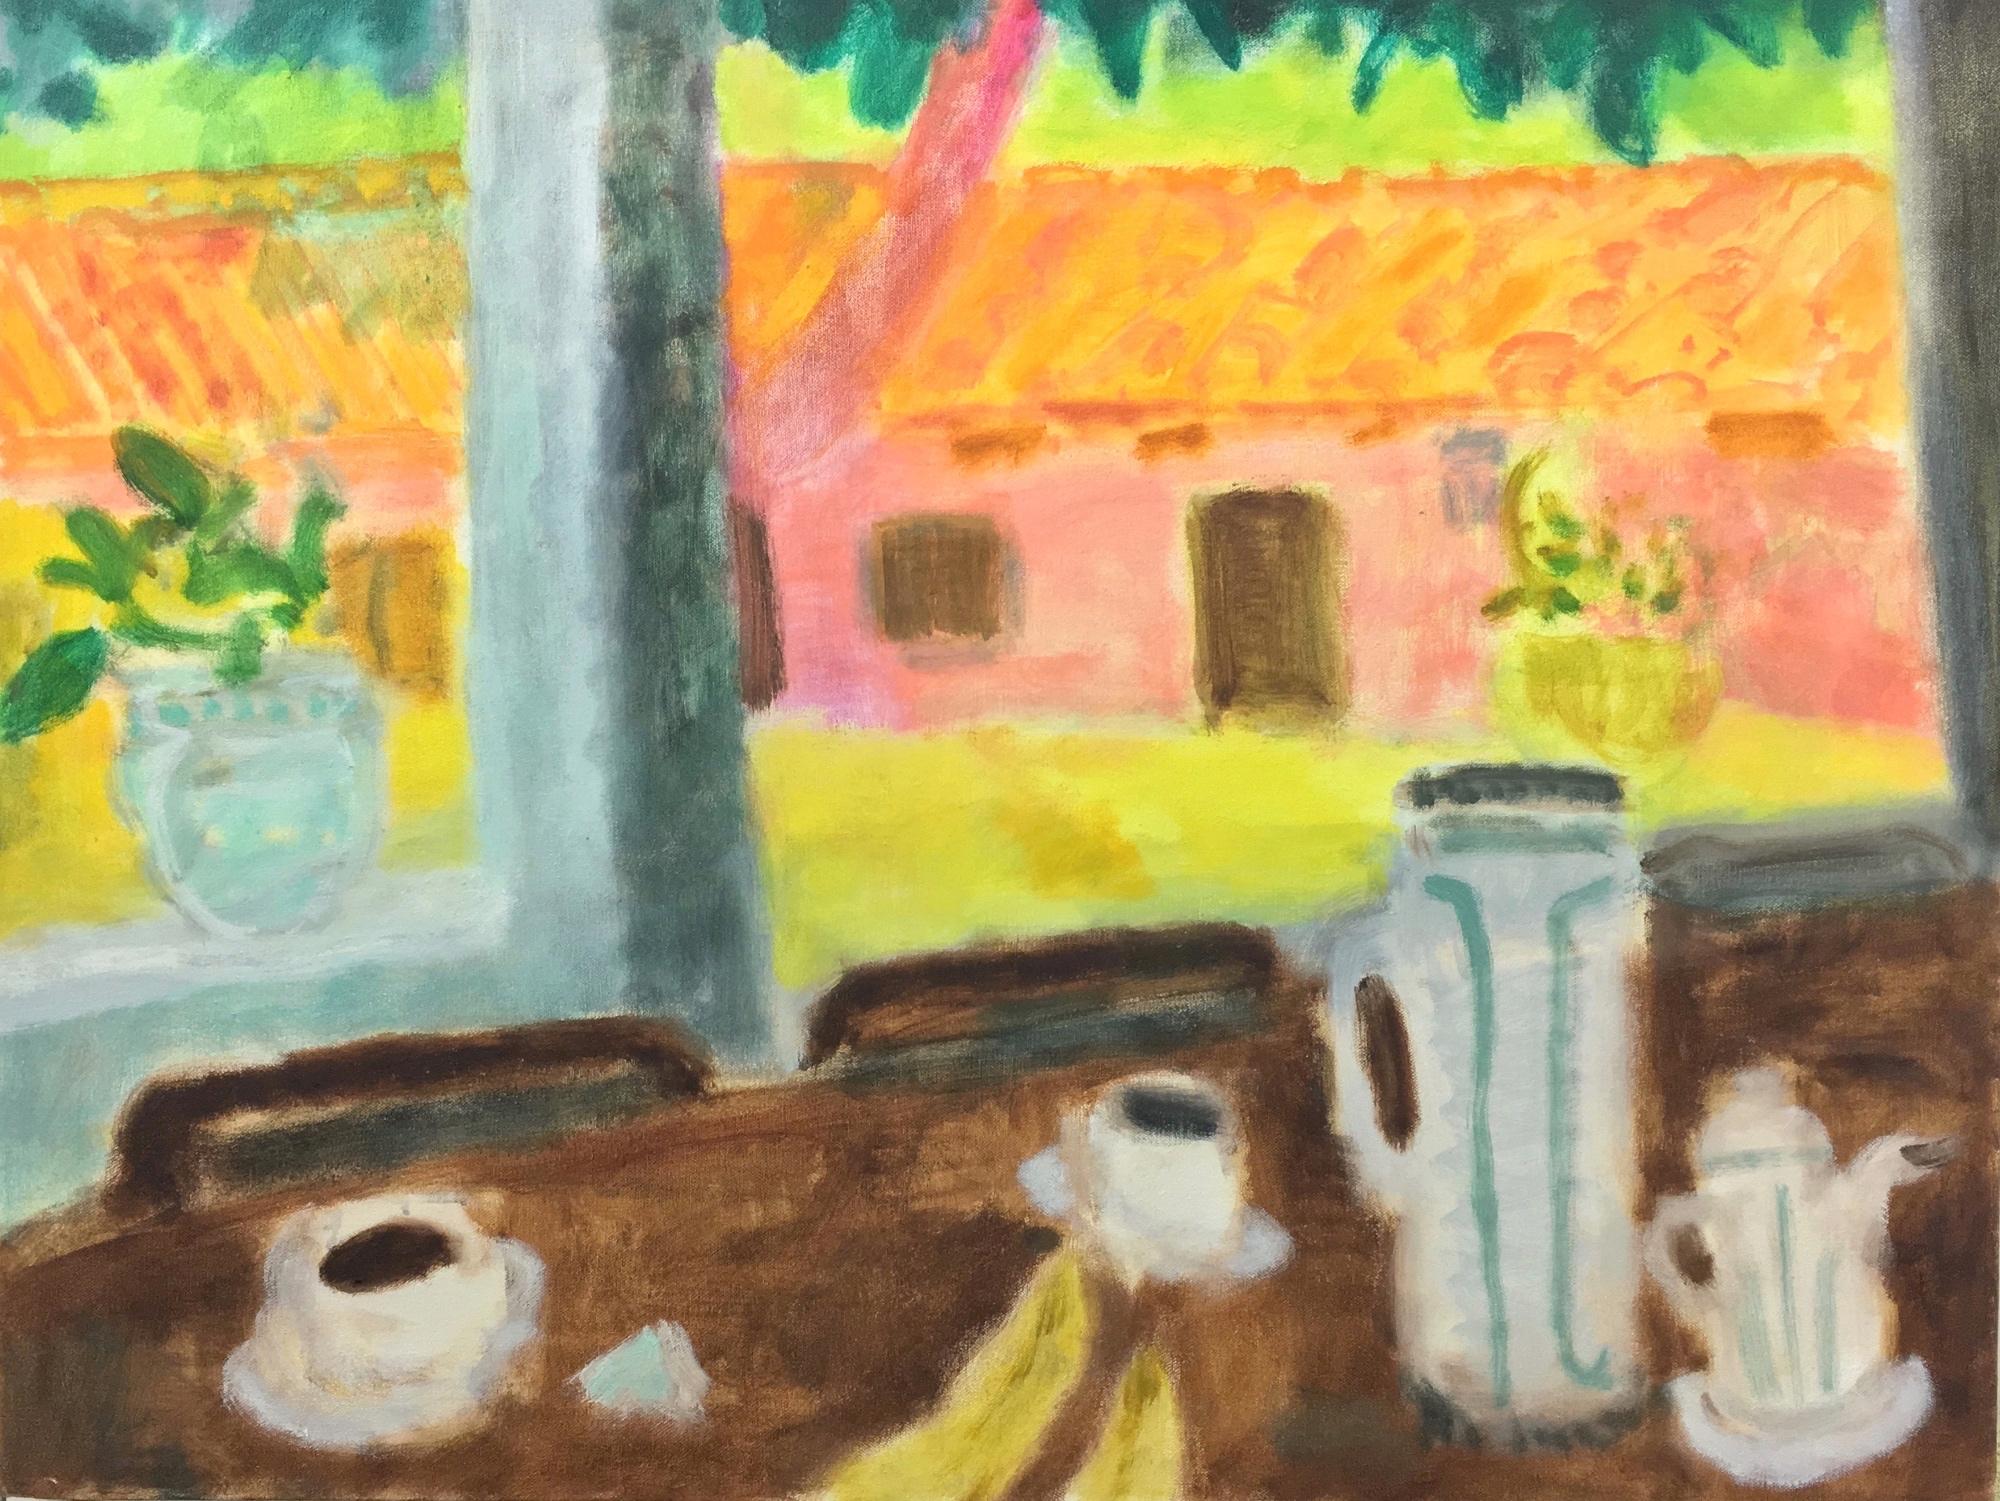 Desayuno, 2018, oil on canvas, 26x34 inches